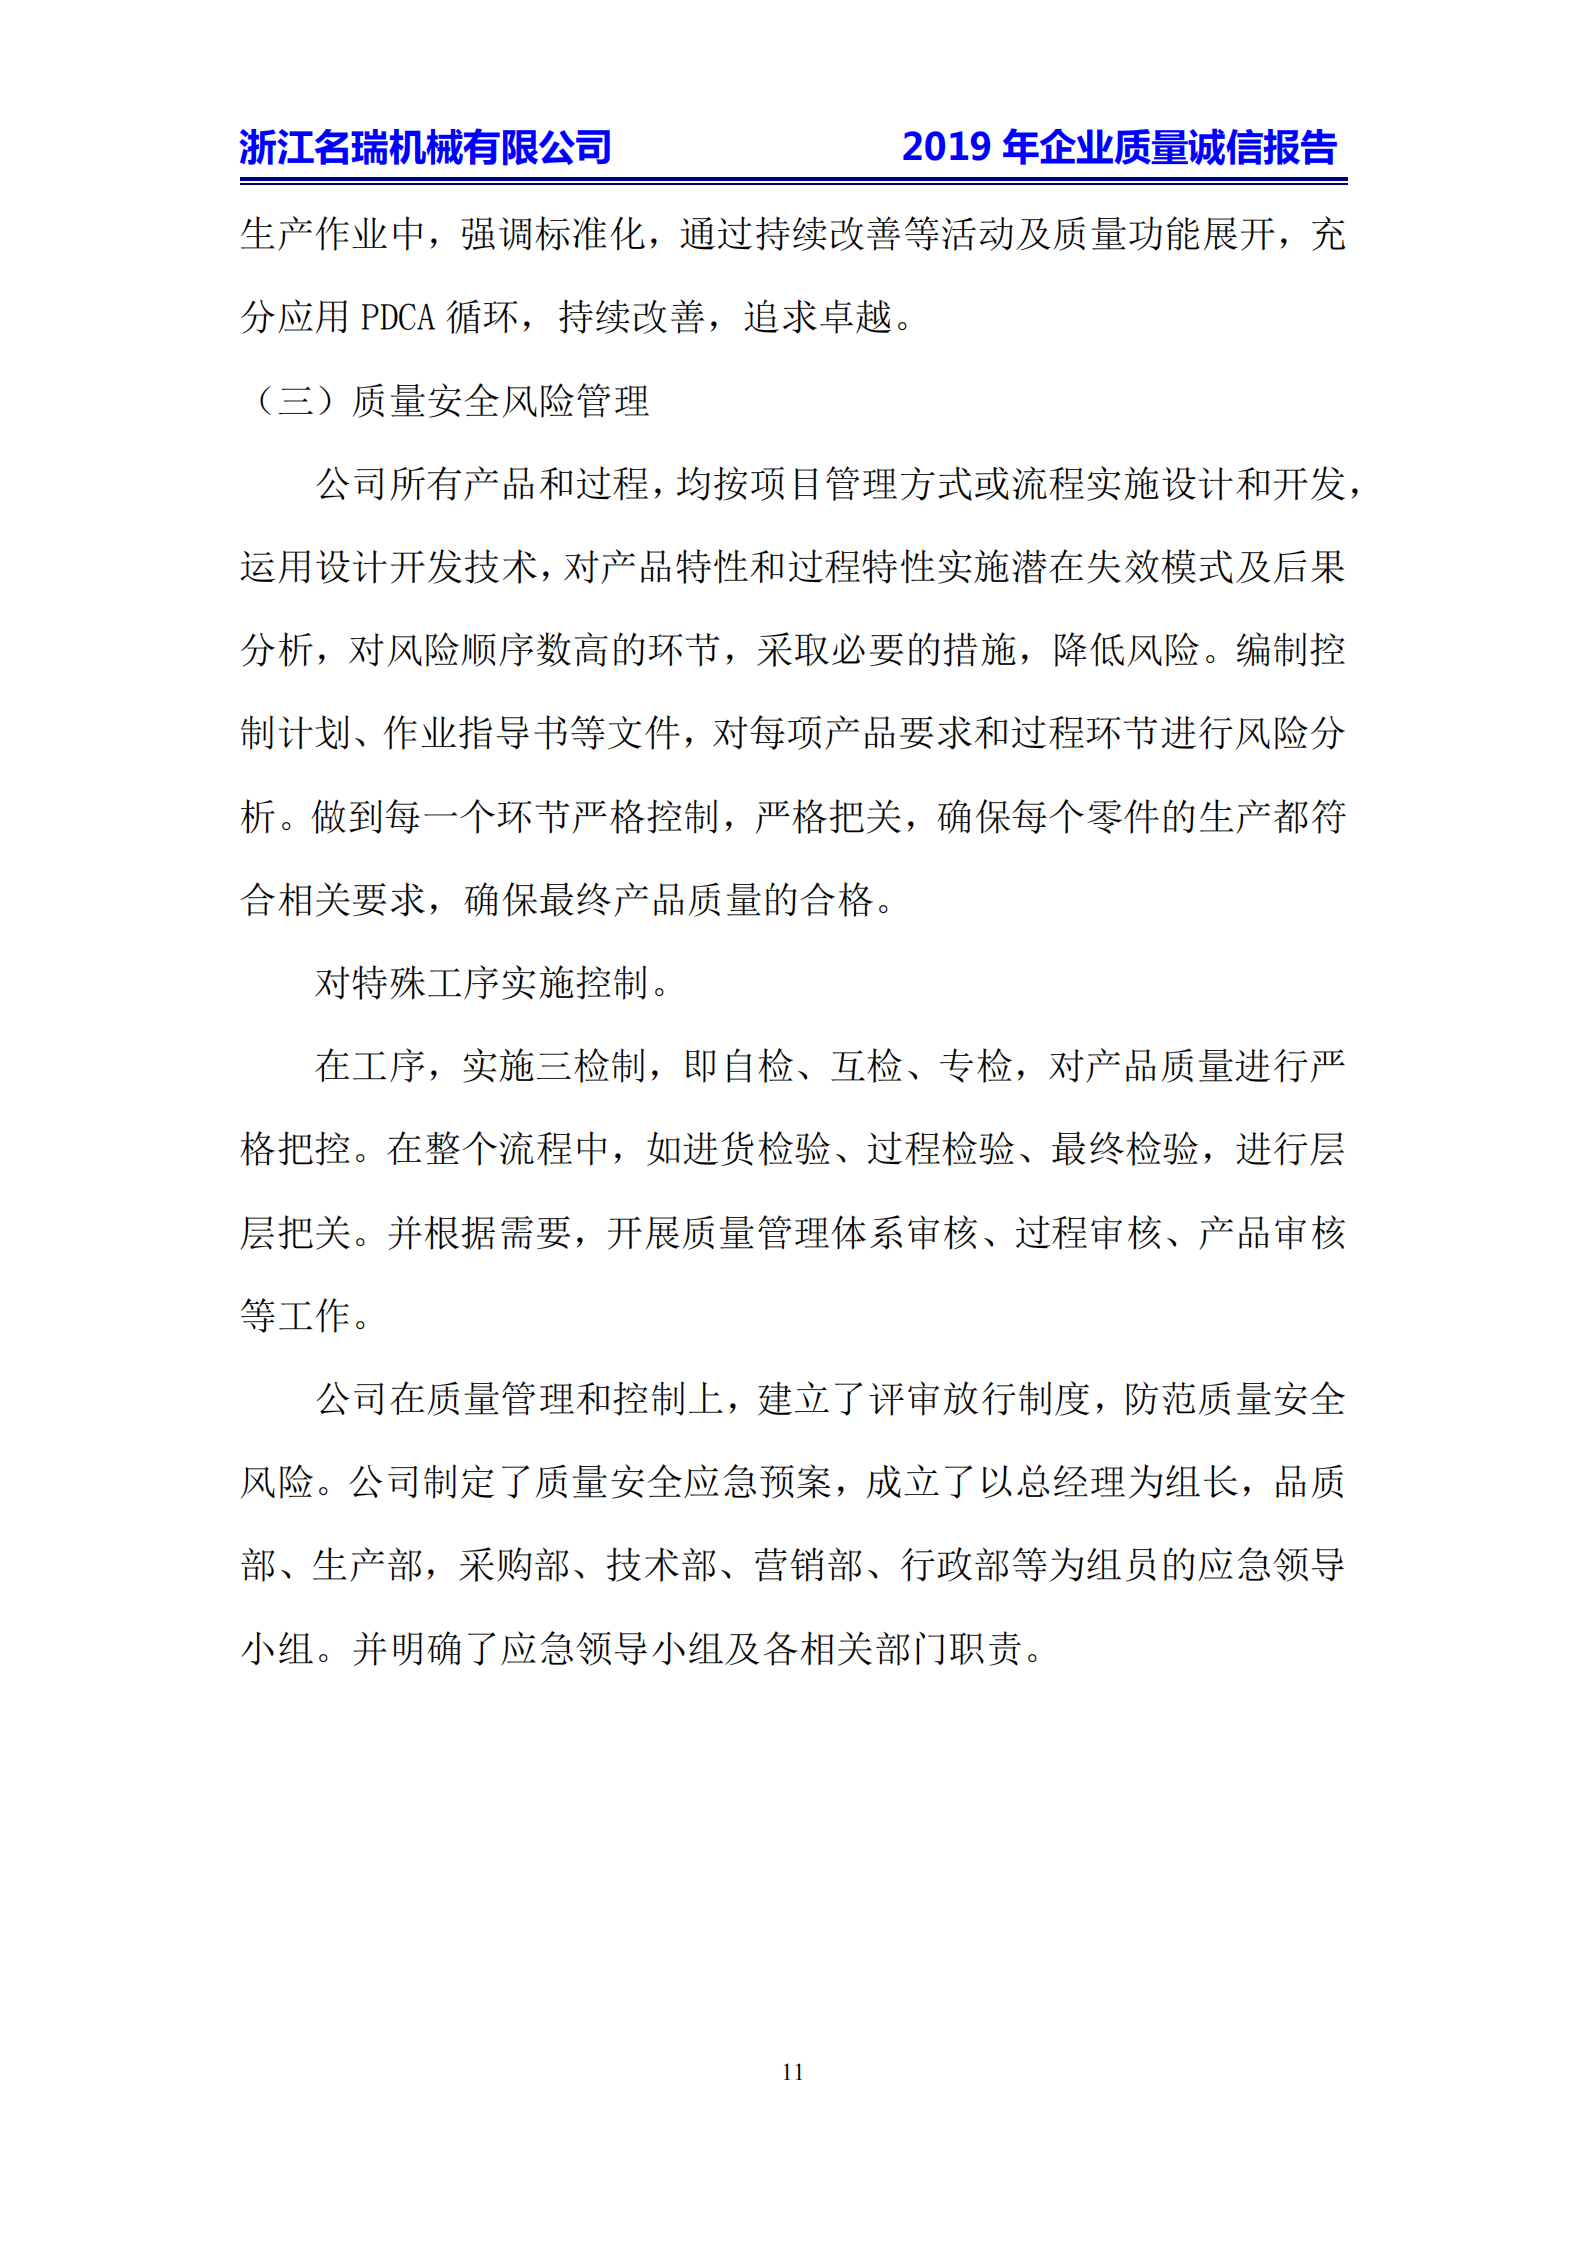 浙江名瑞-2019年企业质量诚信报告